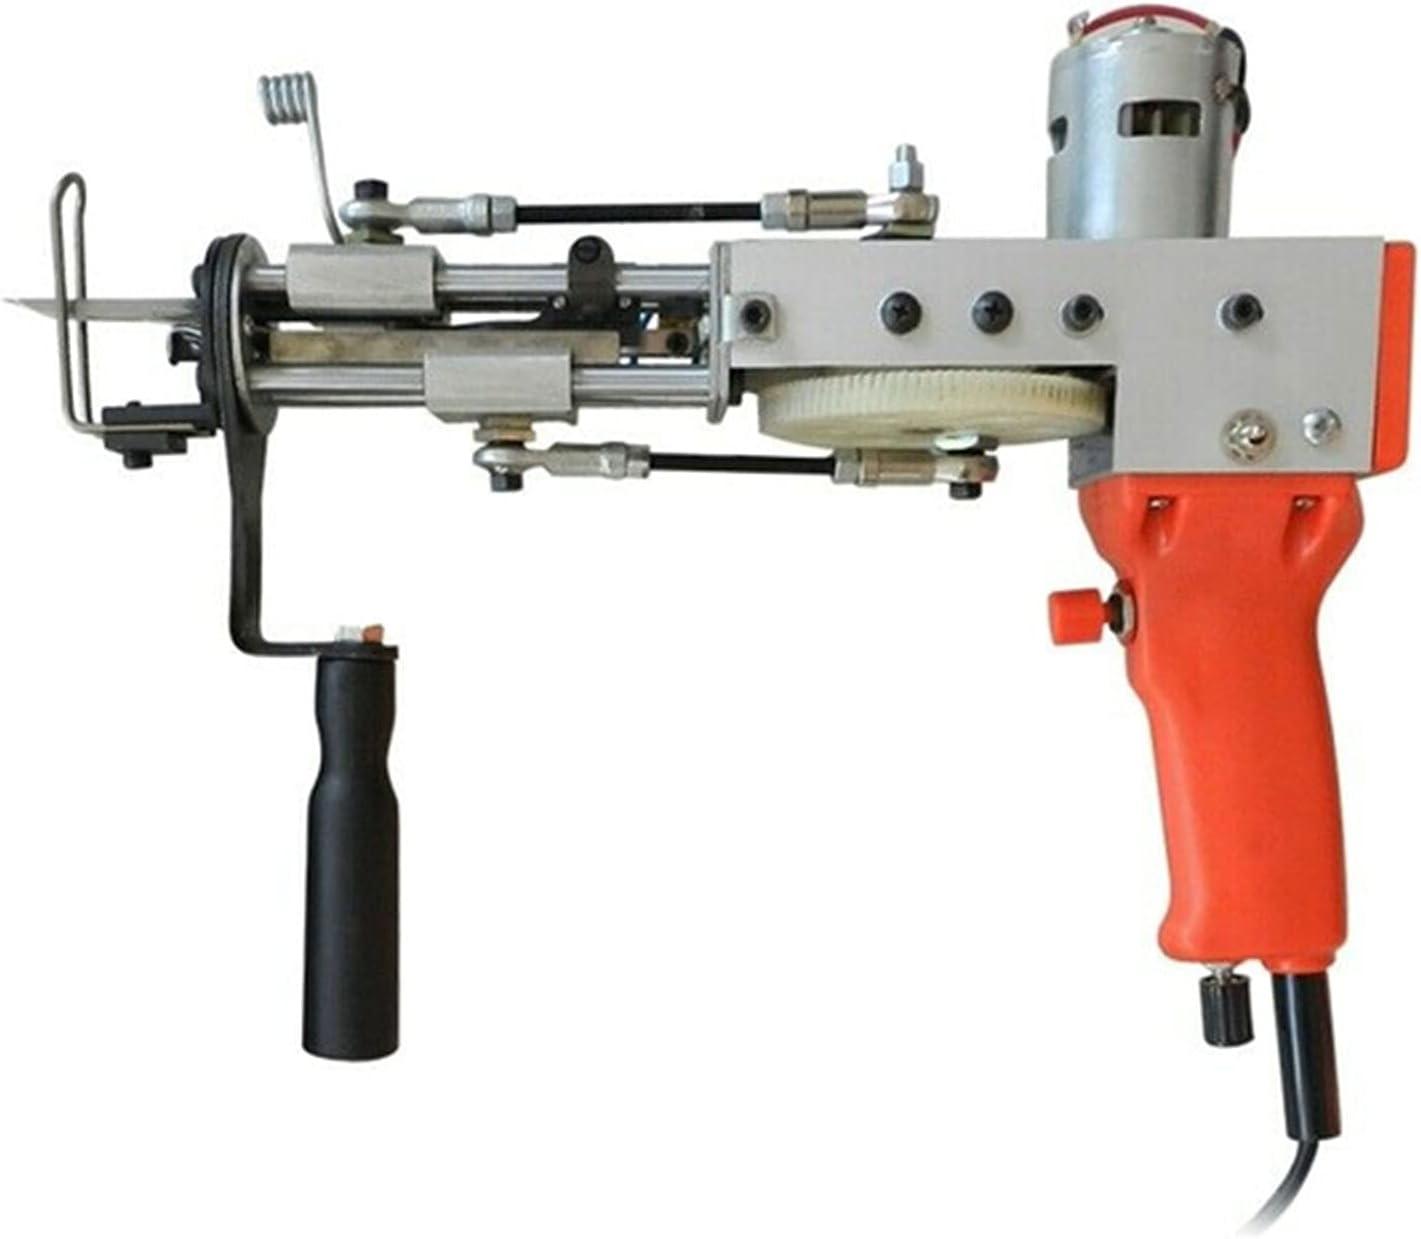 Pistola Eléctrica para Mechones De Alfombras, Máquina De Flocado De Telar De Alfombras, Máquina De Bordado Industrial, Pistola De Pila Cortada, Adecuada para Principiantes